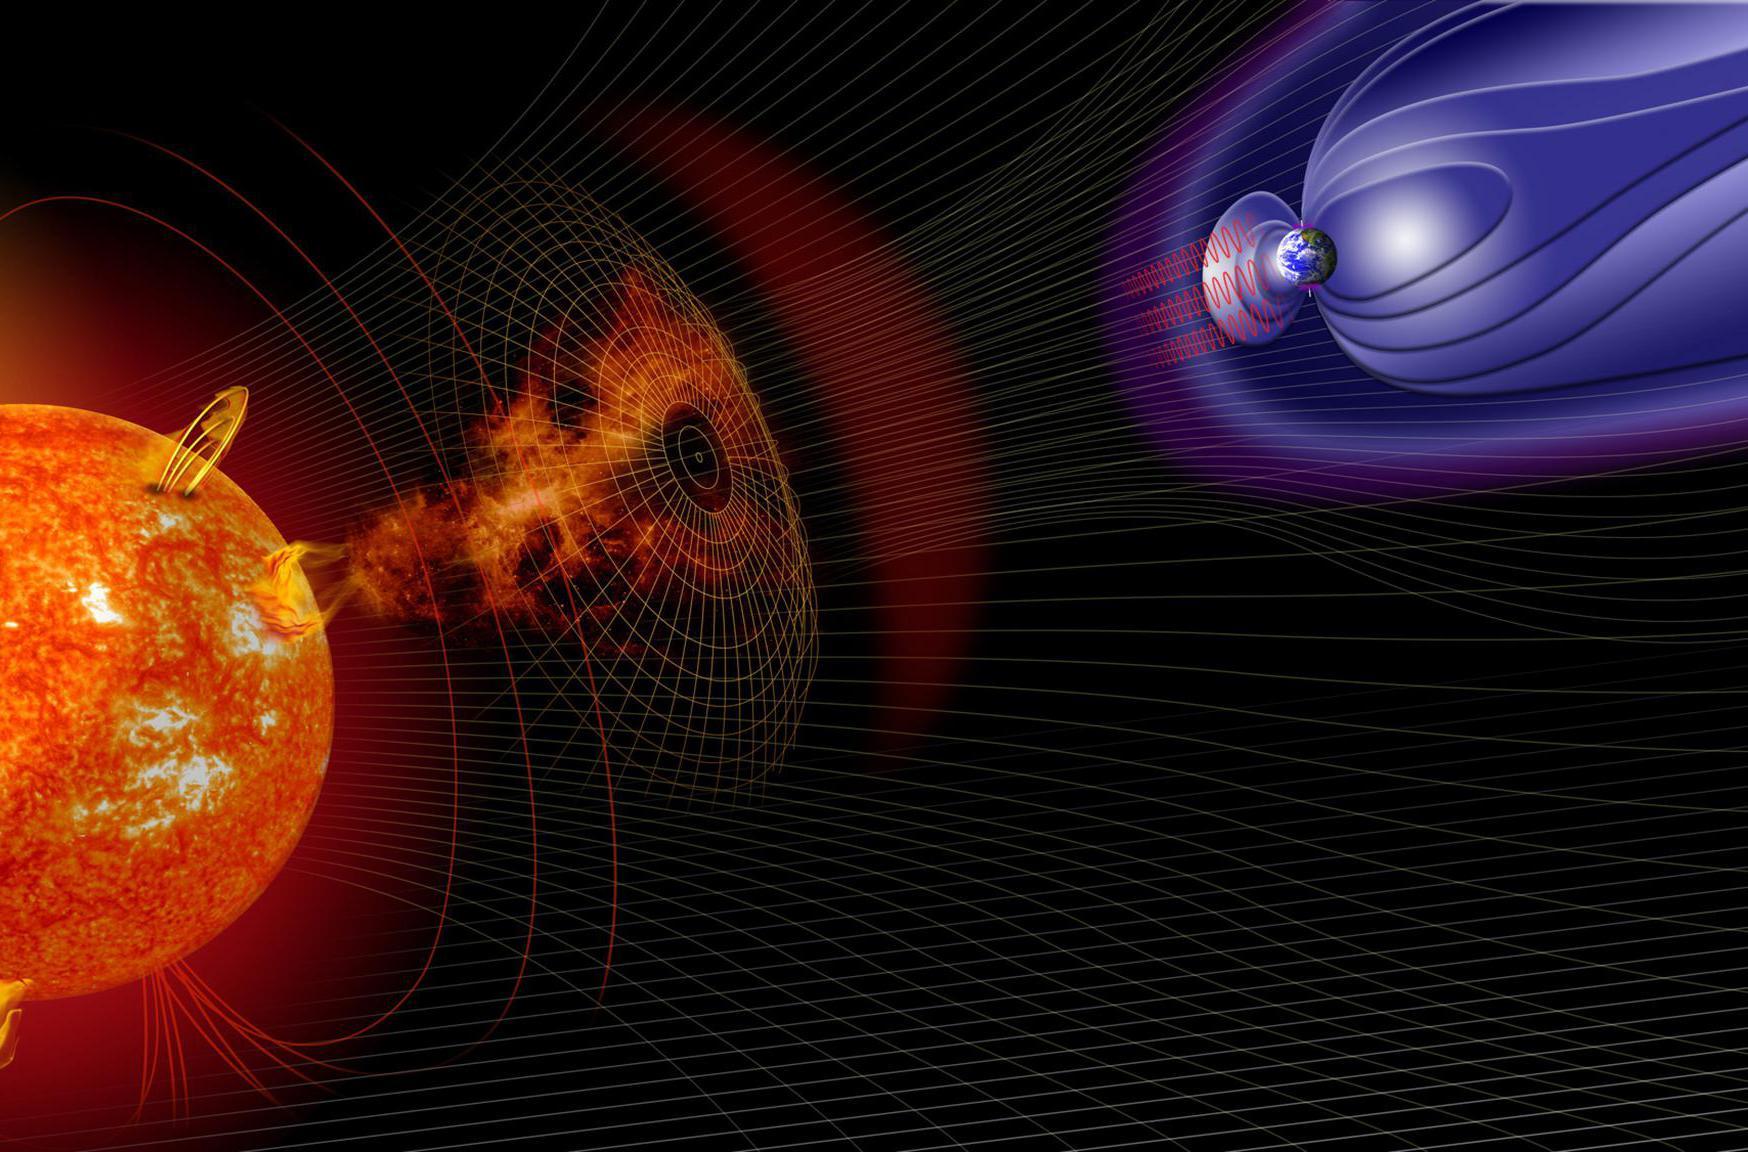 太阳活动突然加剧,俄科学家观测到最强耀斑,太阳这是要爆了吗?